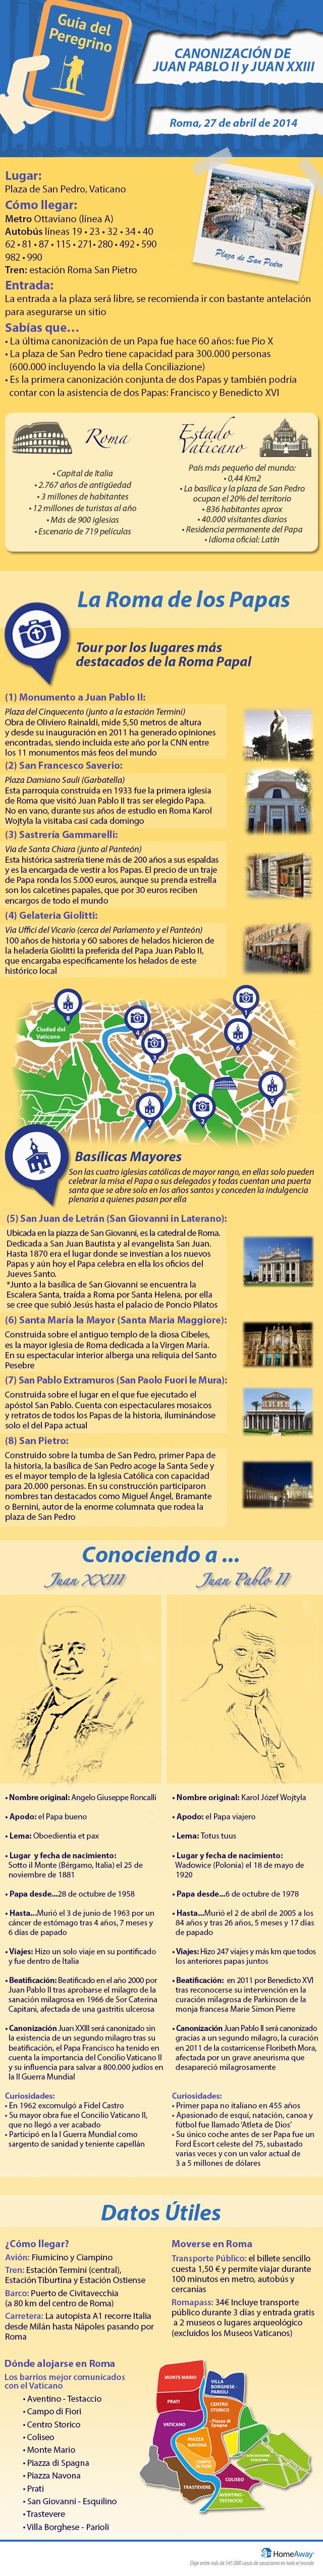 infografia-canonizacion-papa